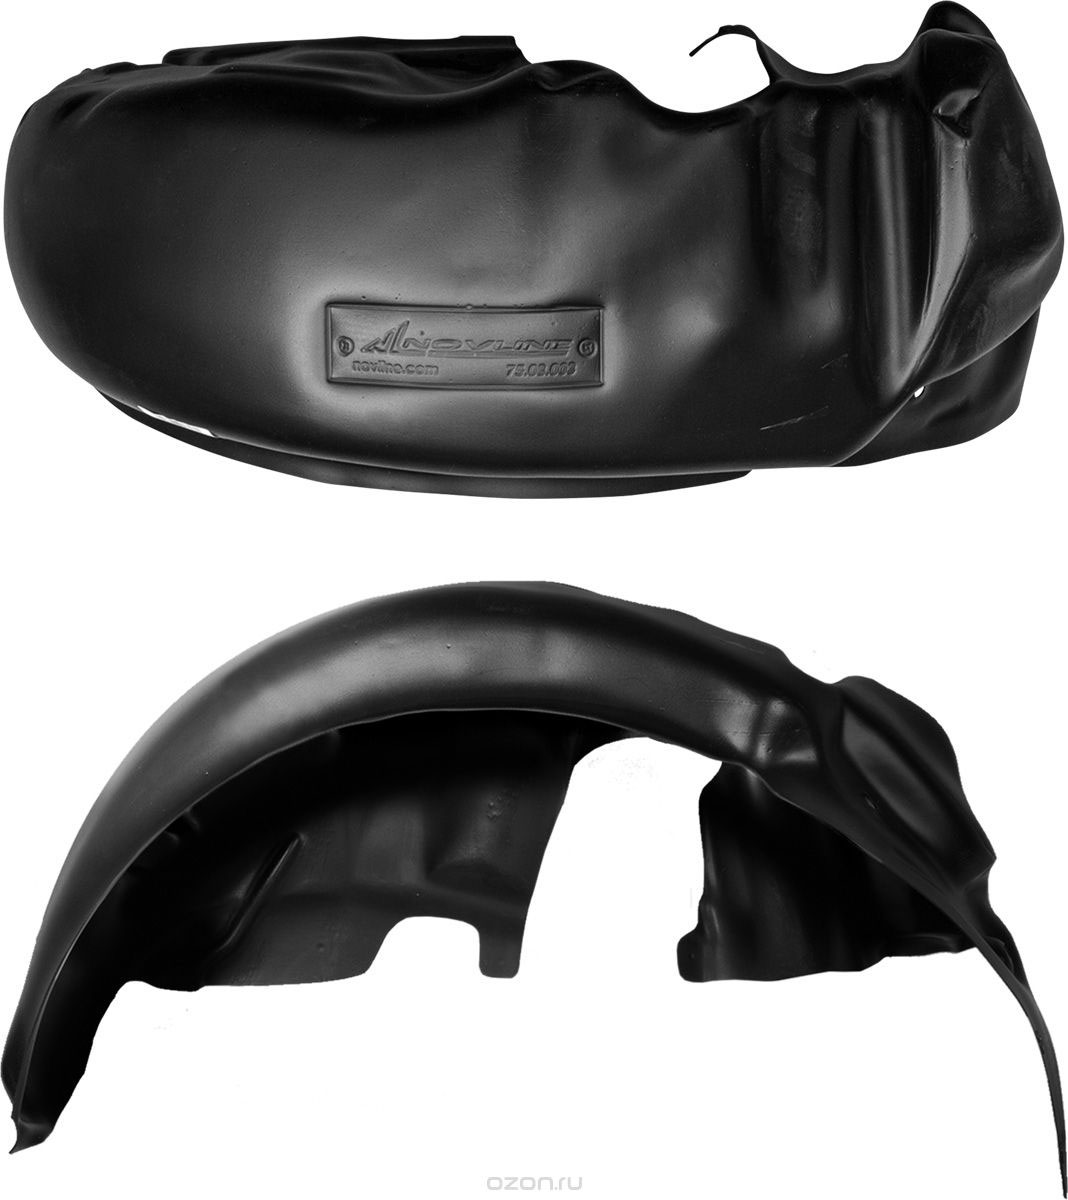 Подкрылок Novline-Autofamily, для HYUNDAI Solaris, 02/2017, седан, задний левыйDAVC150Идеальная защита колесной ниши. Локеры разработаны с применением цифровых технологий, гарантируют максимальную повторяемость поверхности арки. Изделия устанавливаются без нарушения лакокрасочного покрытия автомобиля, каждый подкрылок комплектуется крепежом. Уважаемые клиенты, обращаем ваше внимание, что фотографии на подкрылки универсальные и не отражают реальную форму изделия. При этом само изделие идет точно под размер указанного автомобиля.